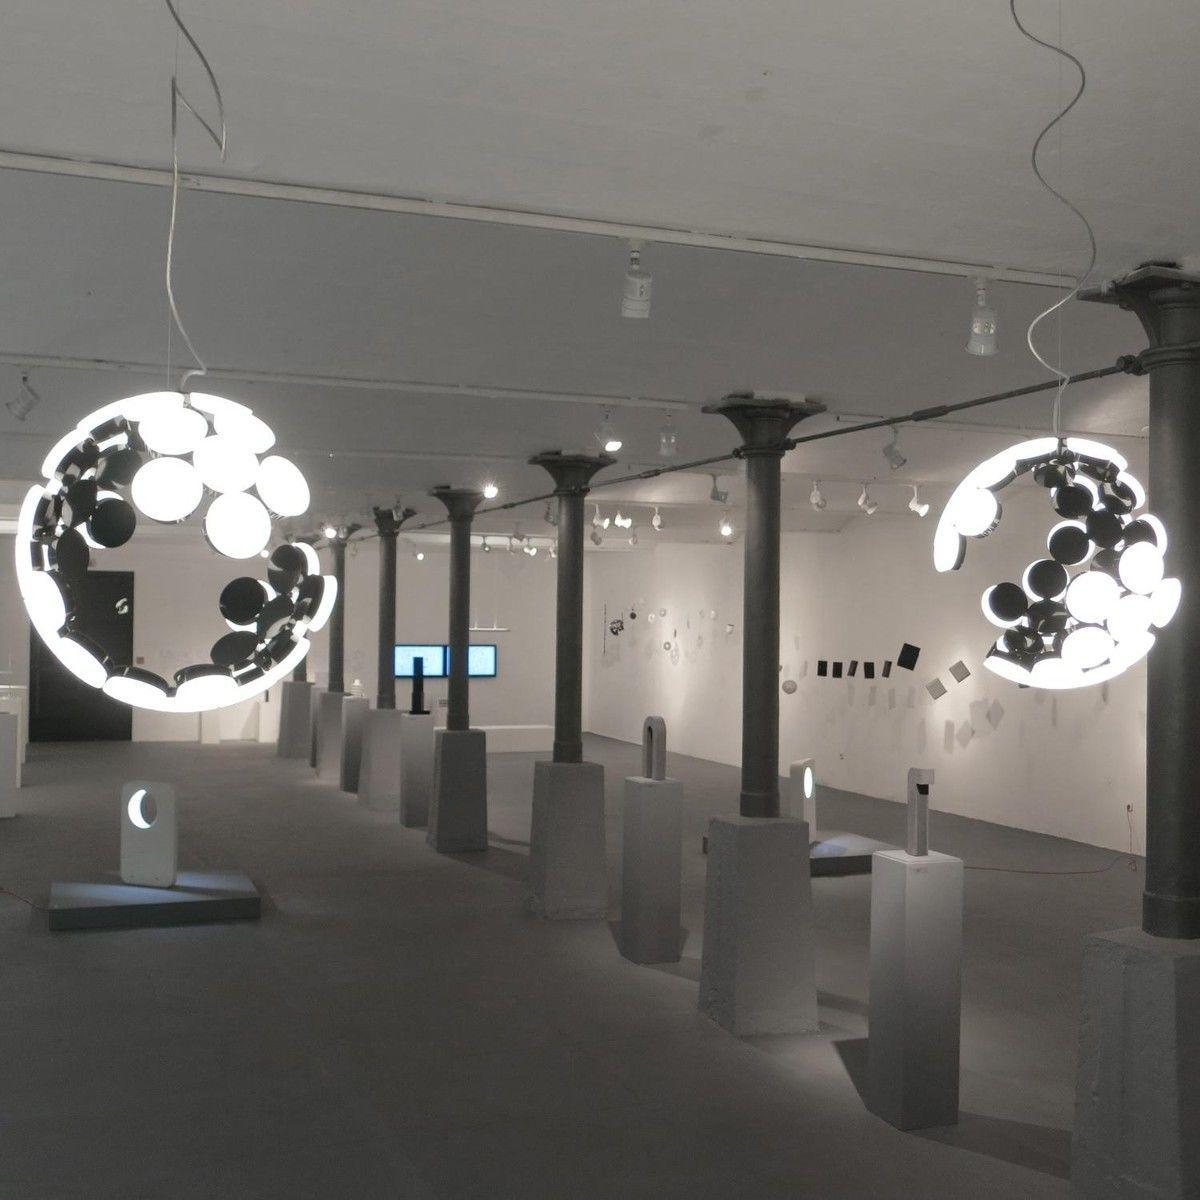 scopas led suspension lamp  artemide  ambientedirectcom - artemide  scopas led suspension lamp